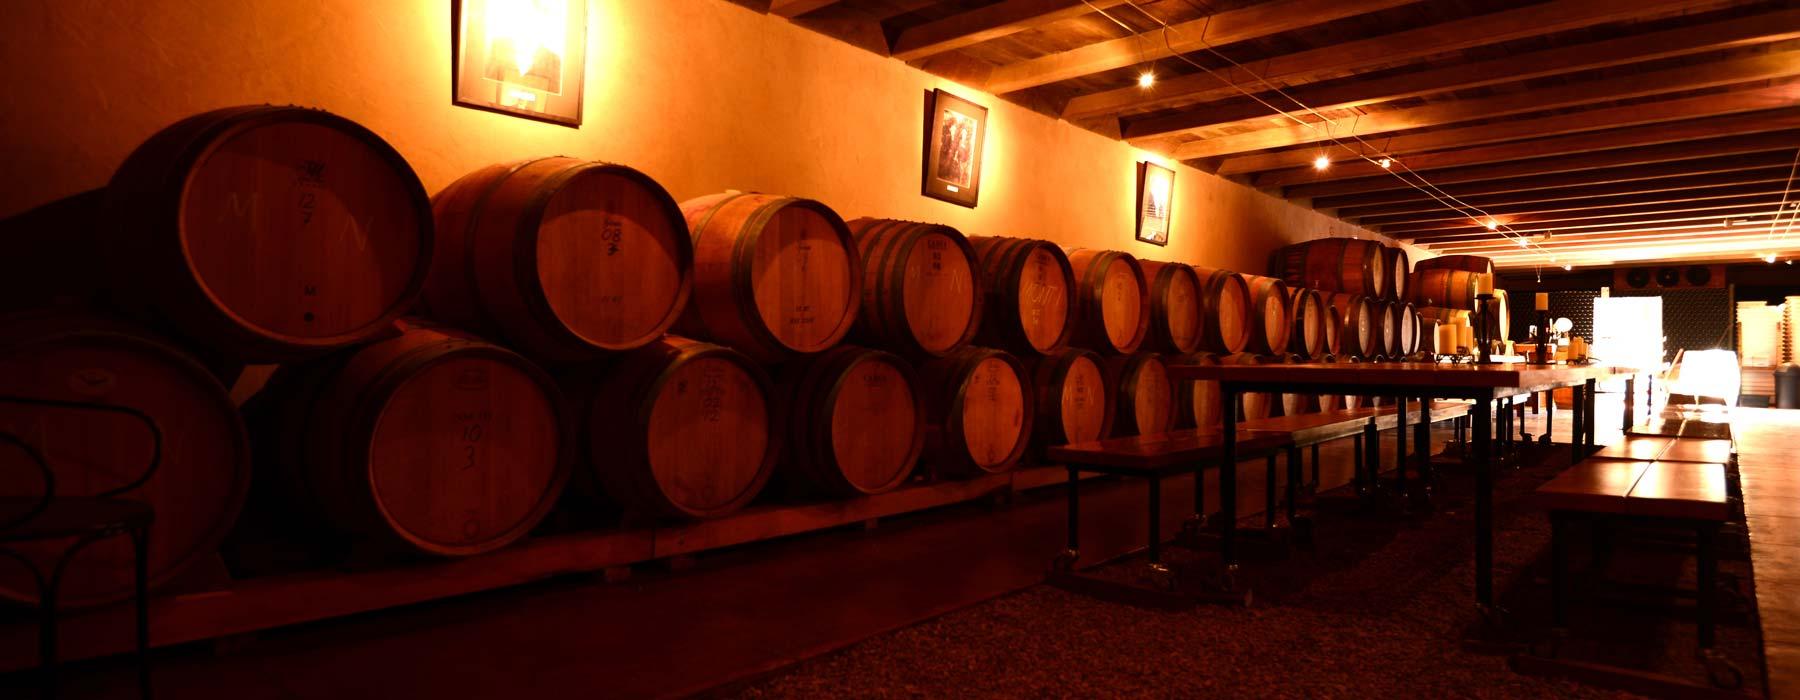 barrels-para